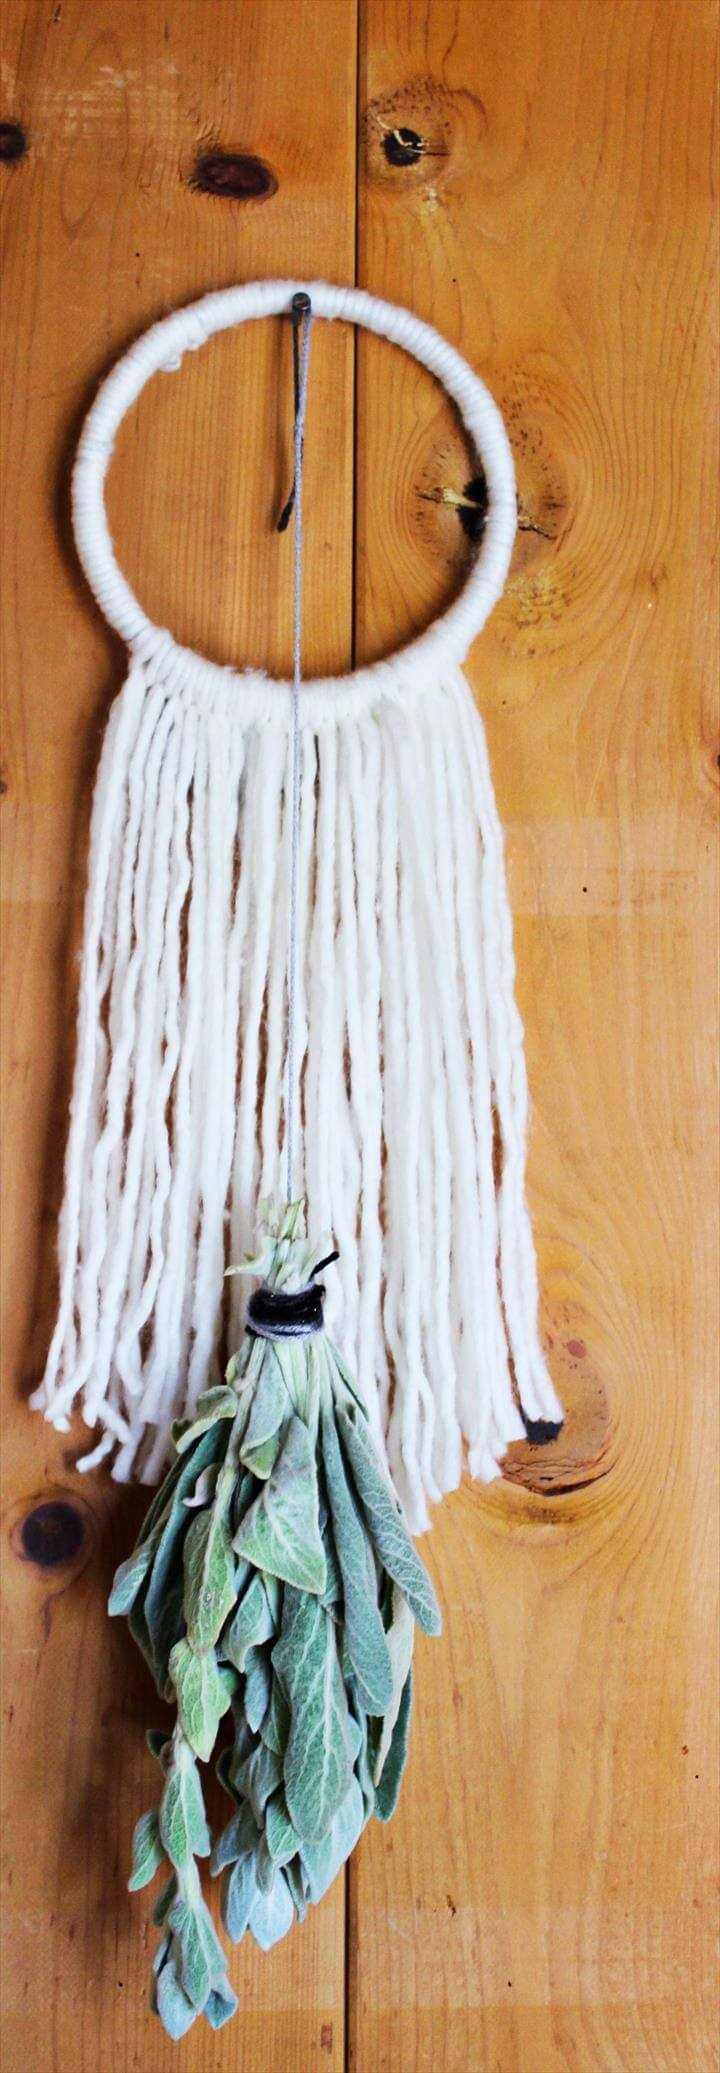 Super Easy DIY Yarn Wall Hanging